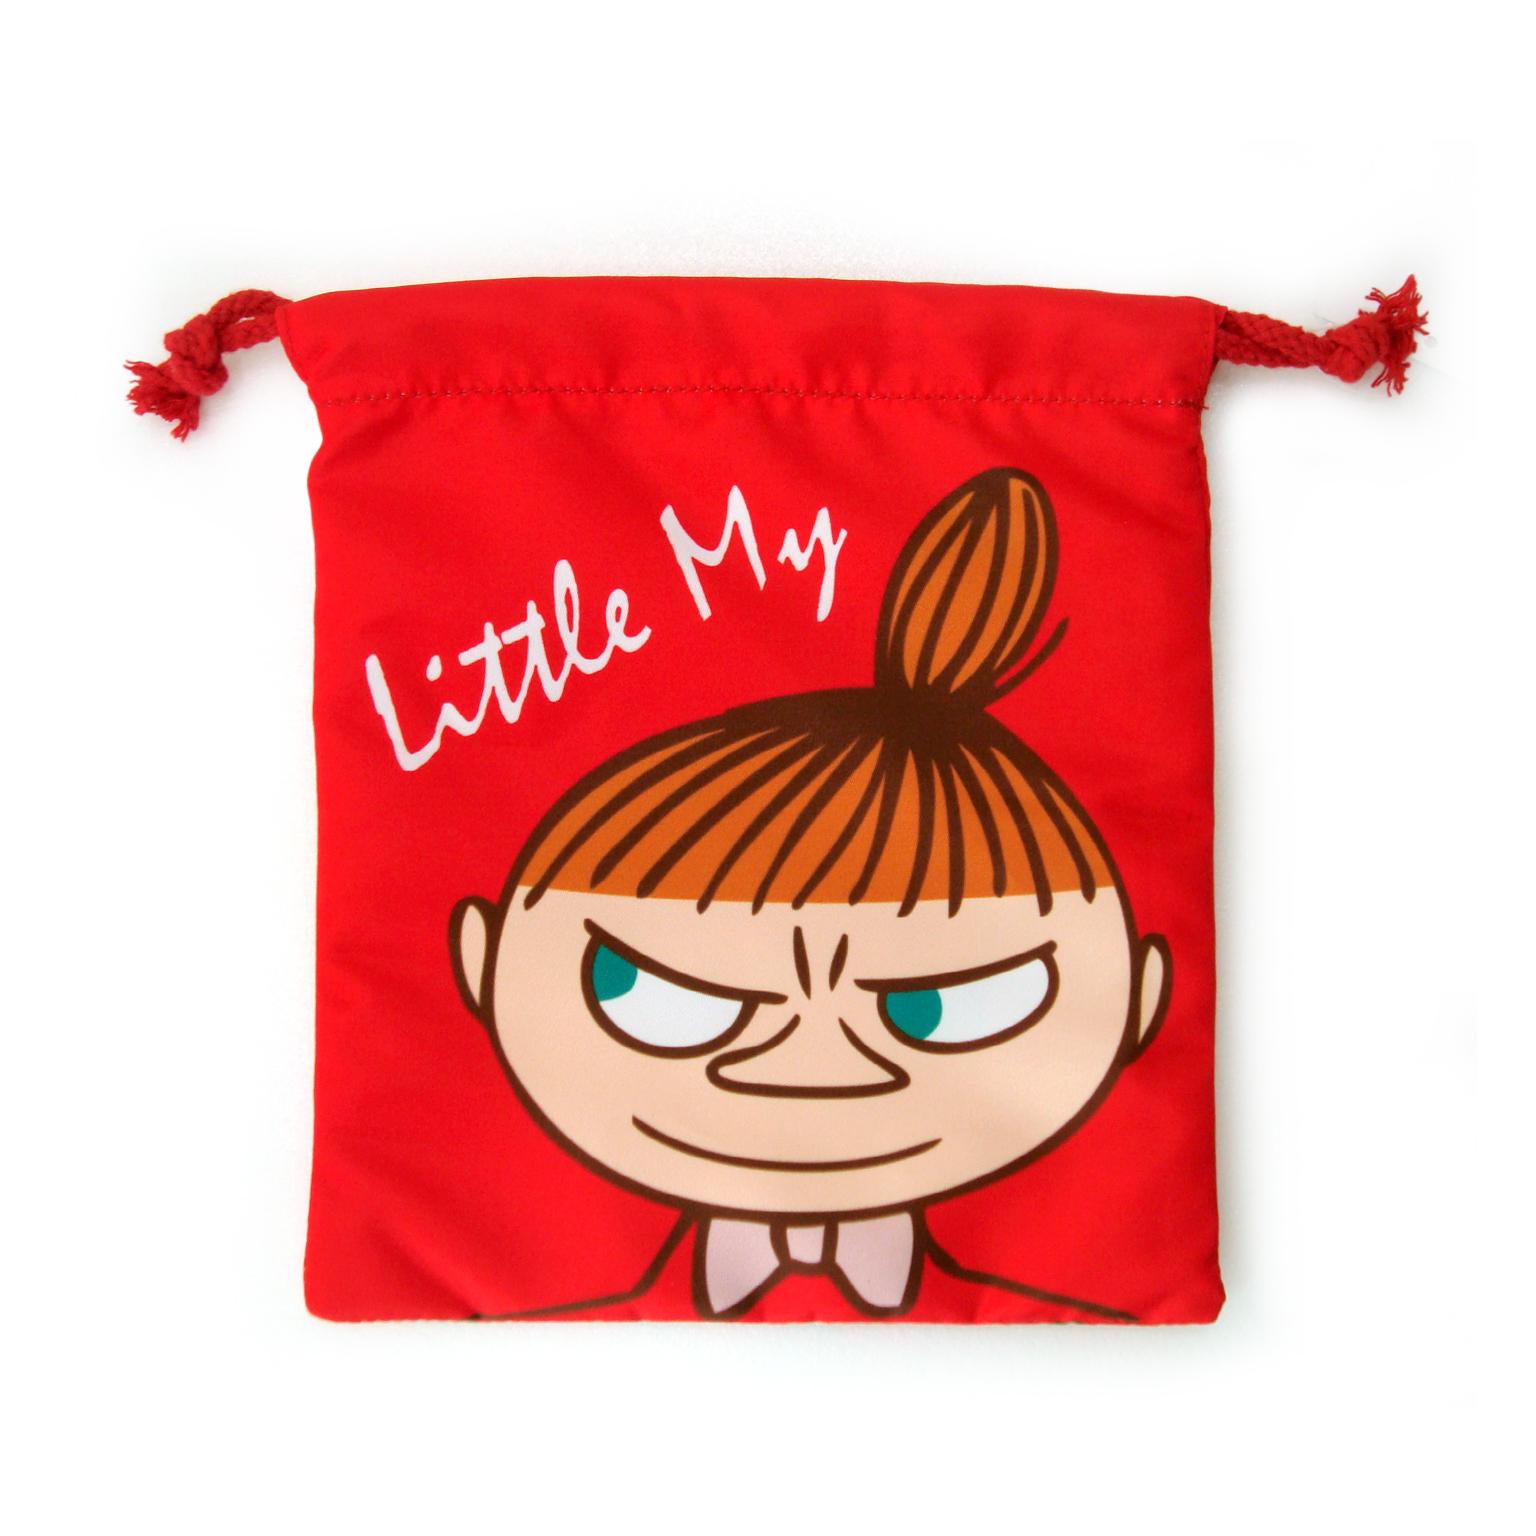 【禾宜精品】正版 Moomin 嚕嚕米 亞美(紅色) 束口袋 束口包 小提袋 時尚包 生活百貨 M102033-E